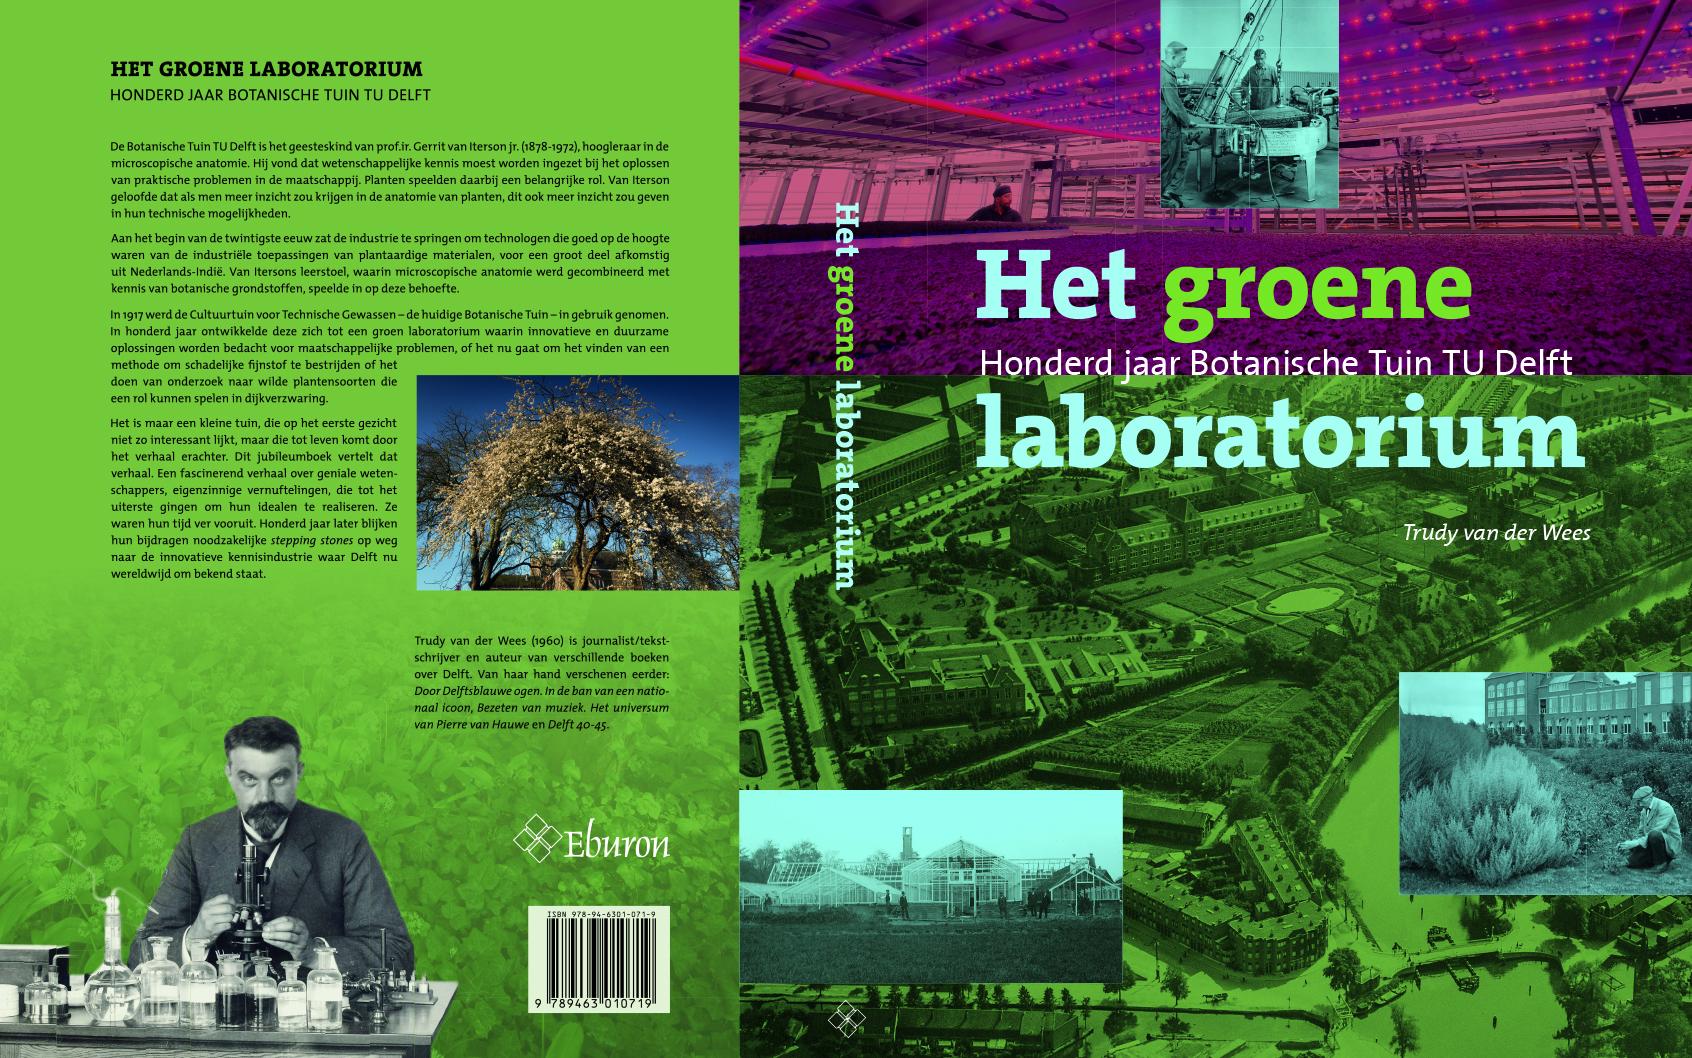 Botanische Tuin Delft : Het groene laboratorium. honderd jaar botanische tuin tu delft